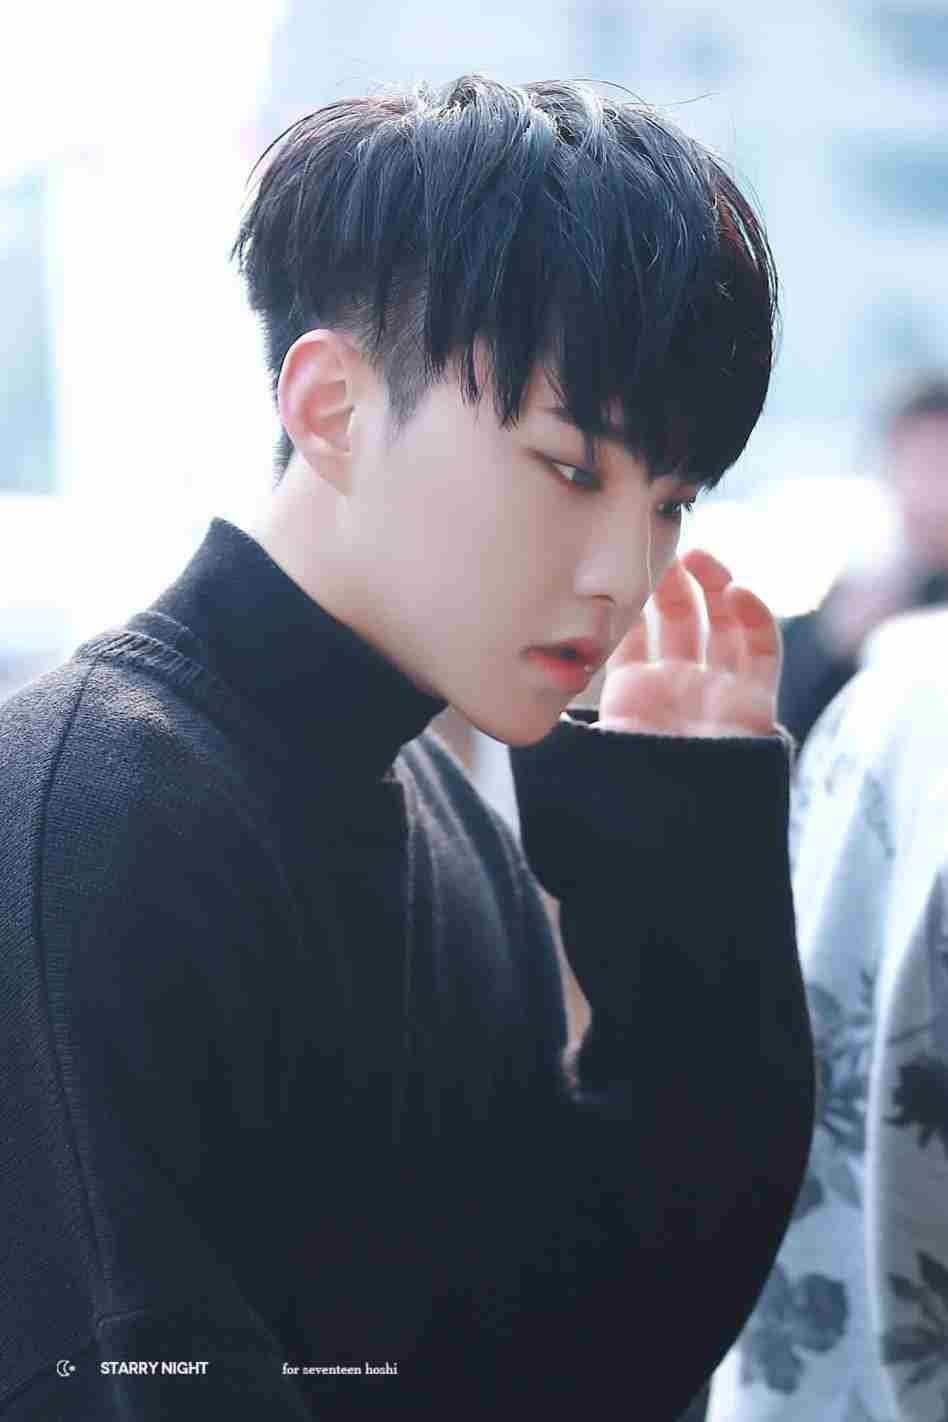 Kpop Haircut For Round Face Wavy Haircut